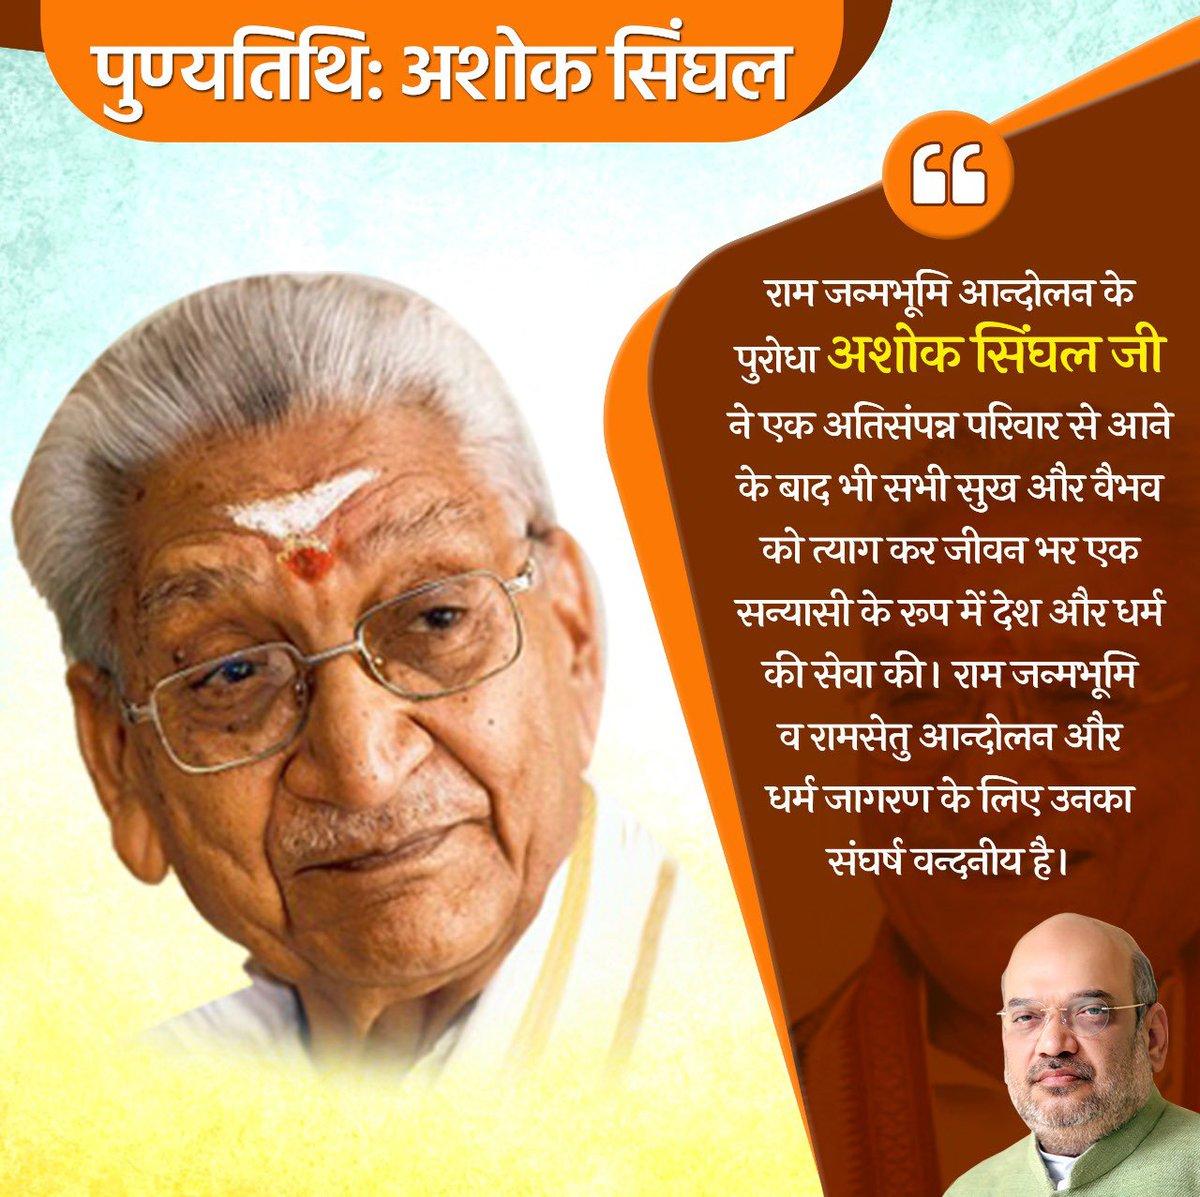 राम जन्मभूमि आन्दोलन के पुरोधा अशोक सिंघल जी ने एक अतिसंपन्न परिवार से आने के बाद भी सभी सुख और वैभव को त्याग कर जीवन भर एक सन्यासी के रूप में देश और धर्म की सेवा की। राम जन्मभूमि व रामसेतु आन्दोलन और धर्म जागरण के लिए उनका संघर्ष वन्दनीय था।  उनकी पुण्यतिथि पर उन्हें नमन।